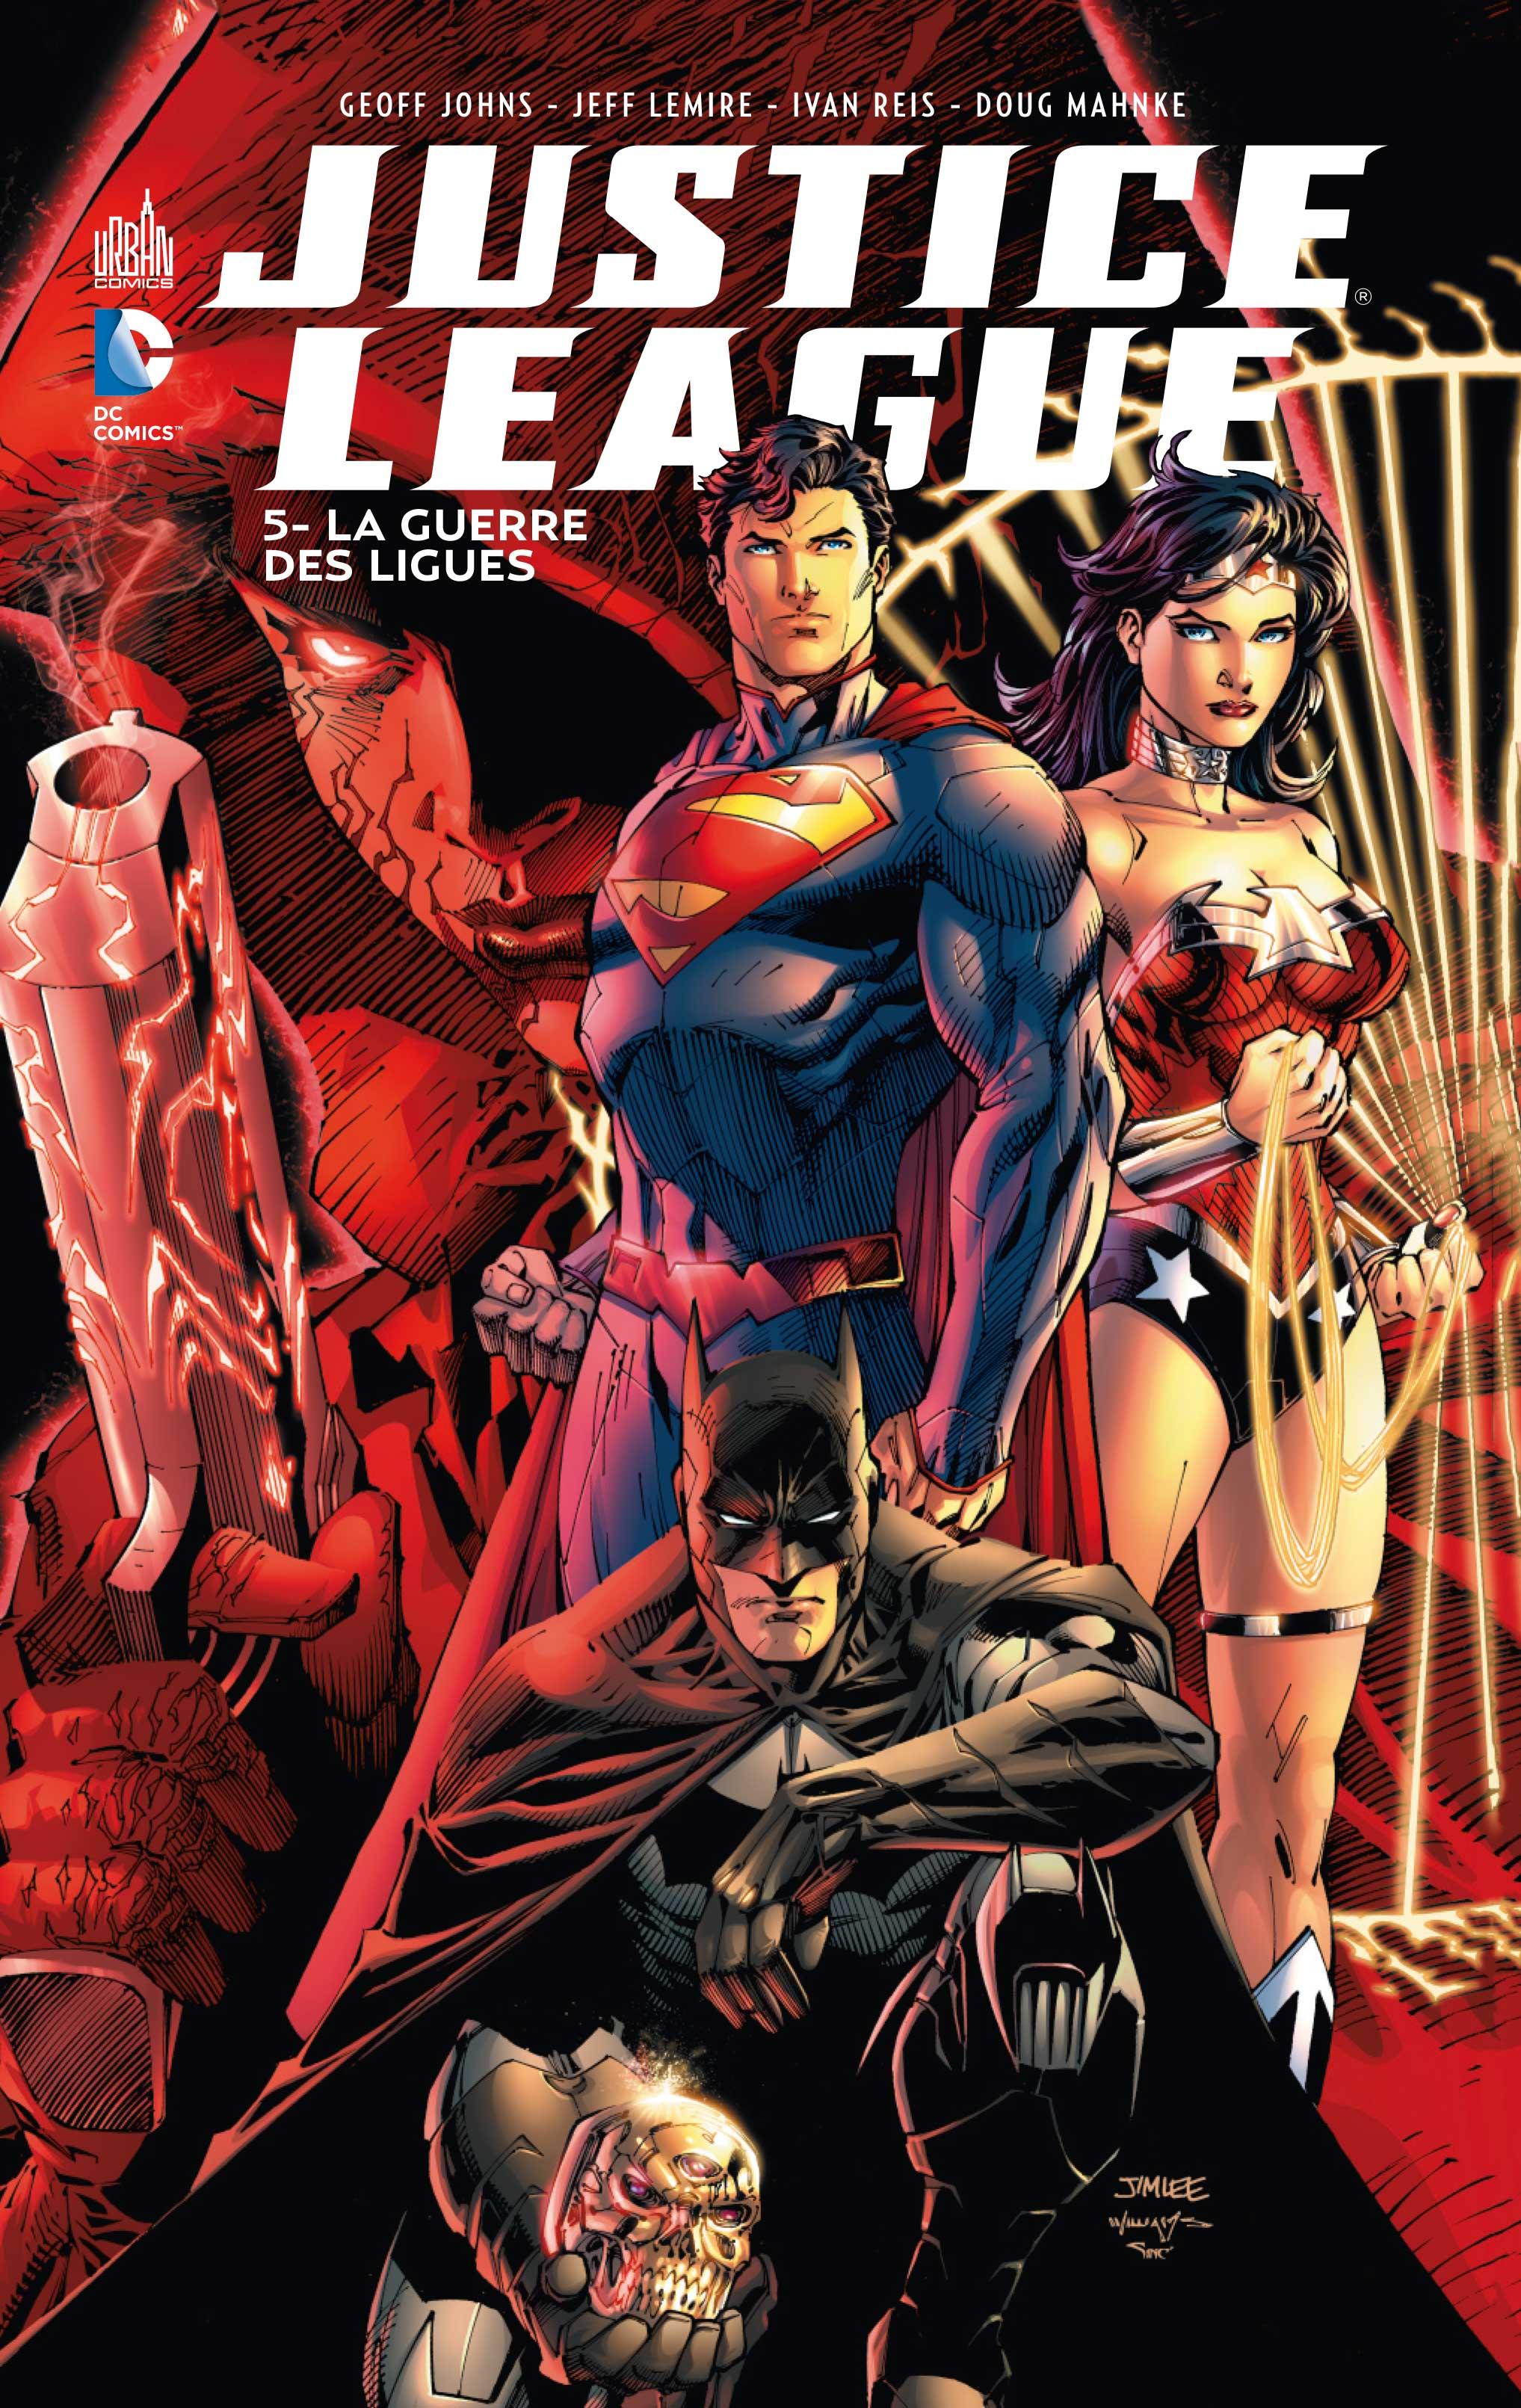 Justice League 5 - La guerre des ligues